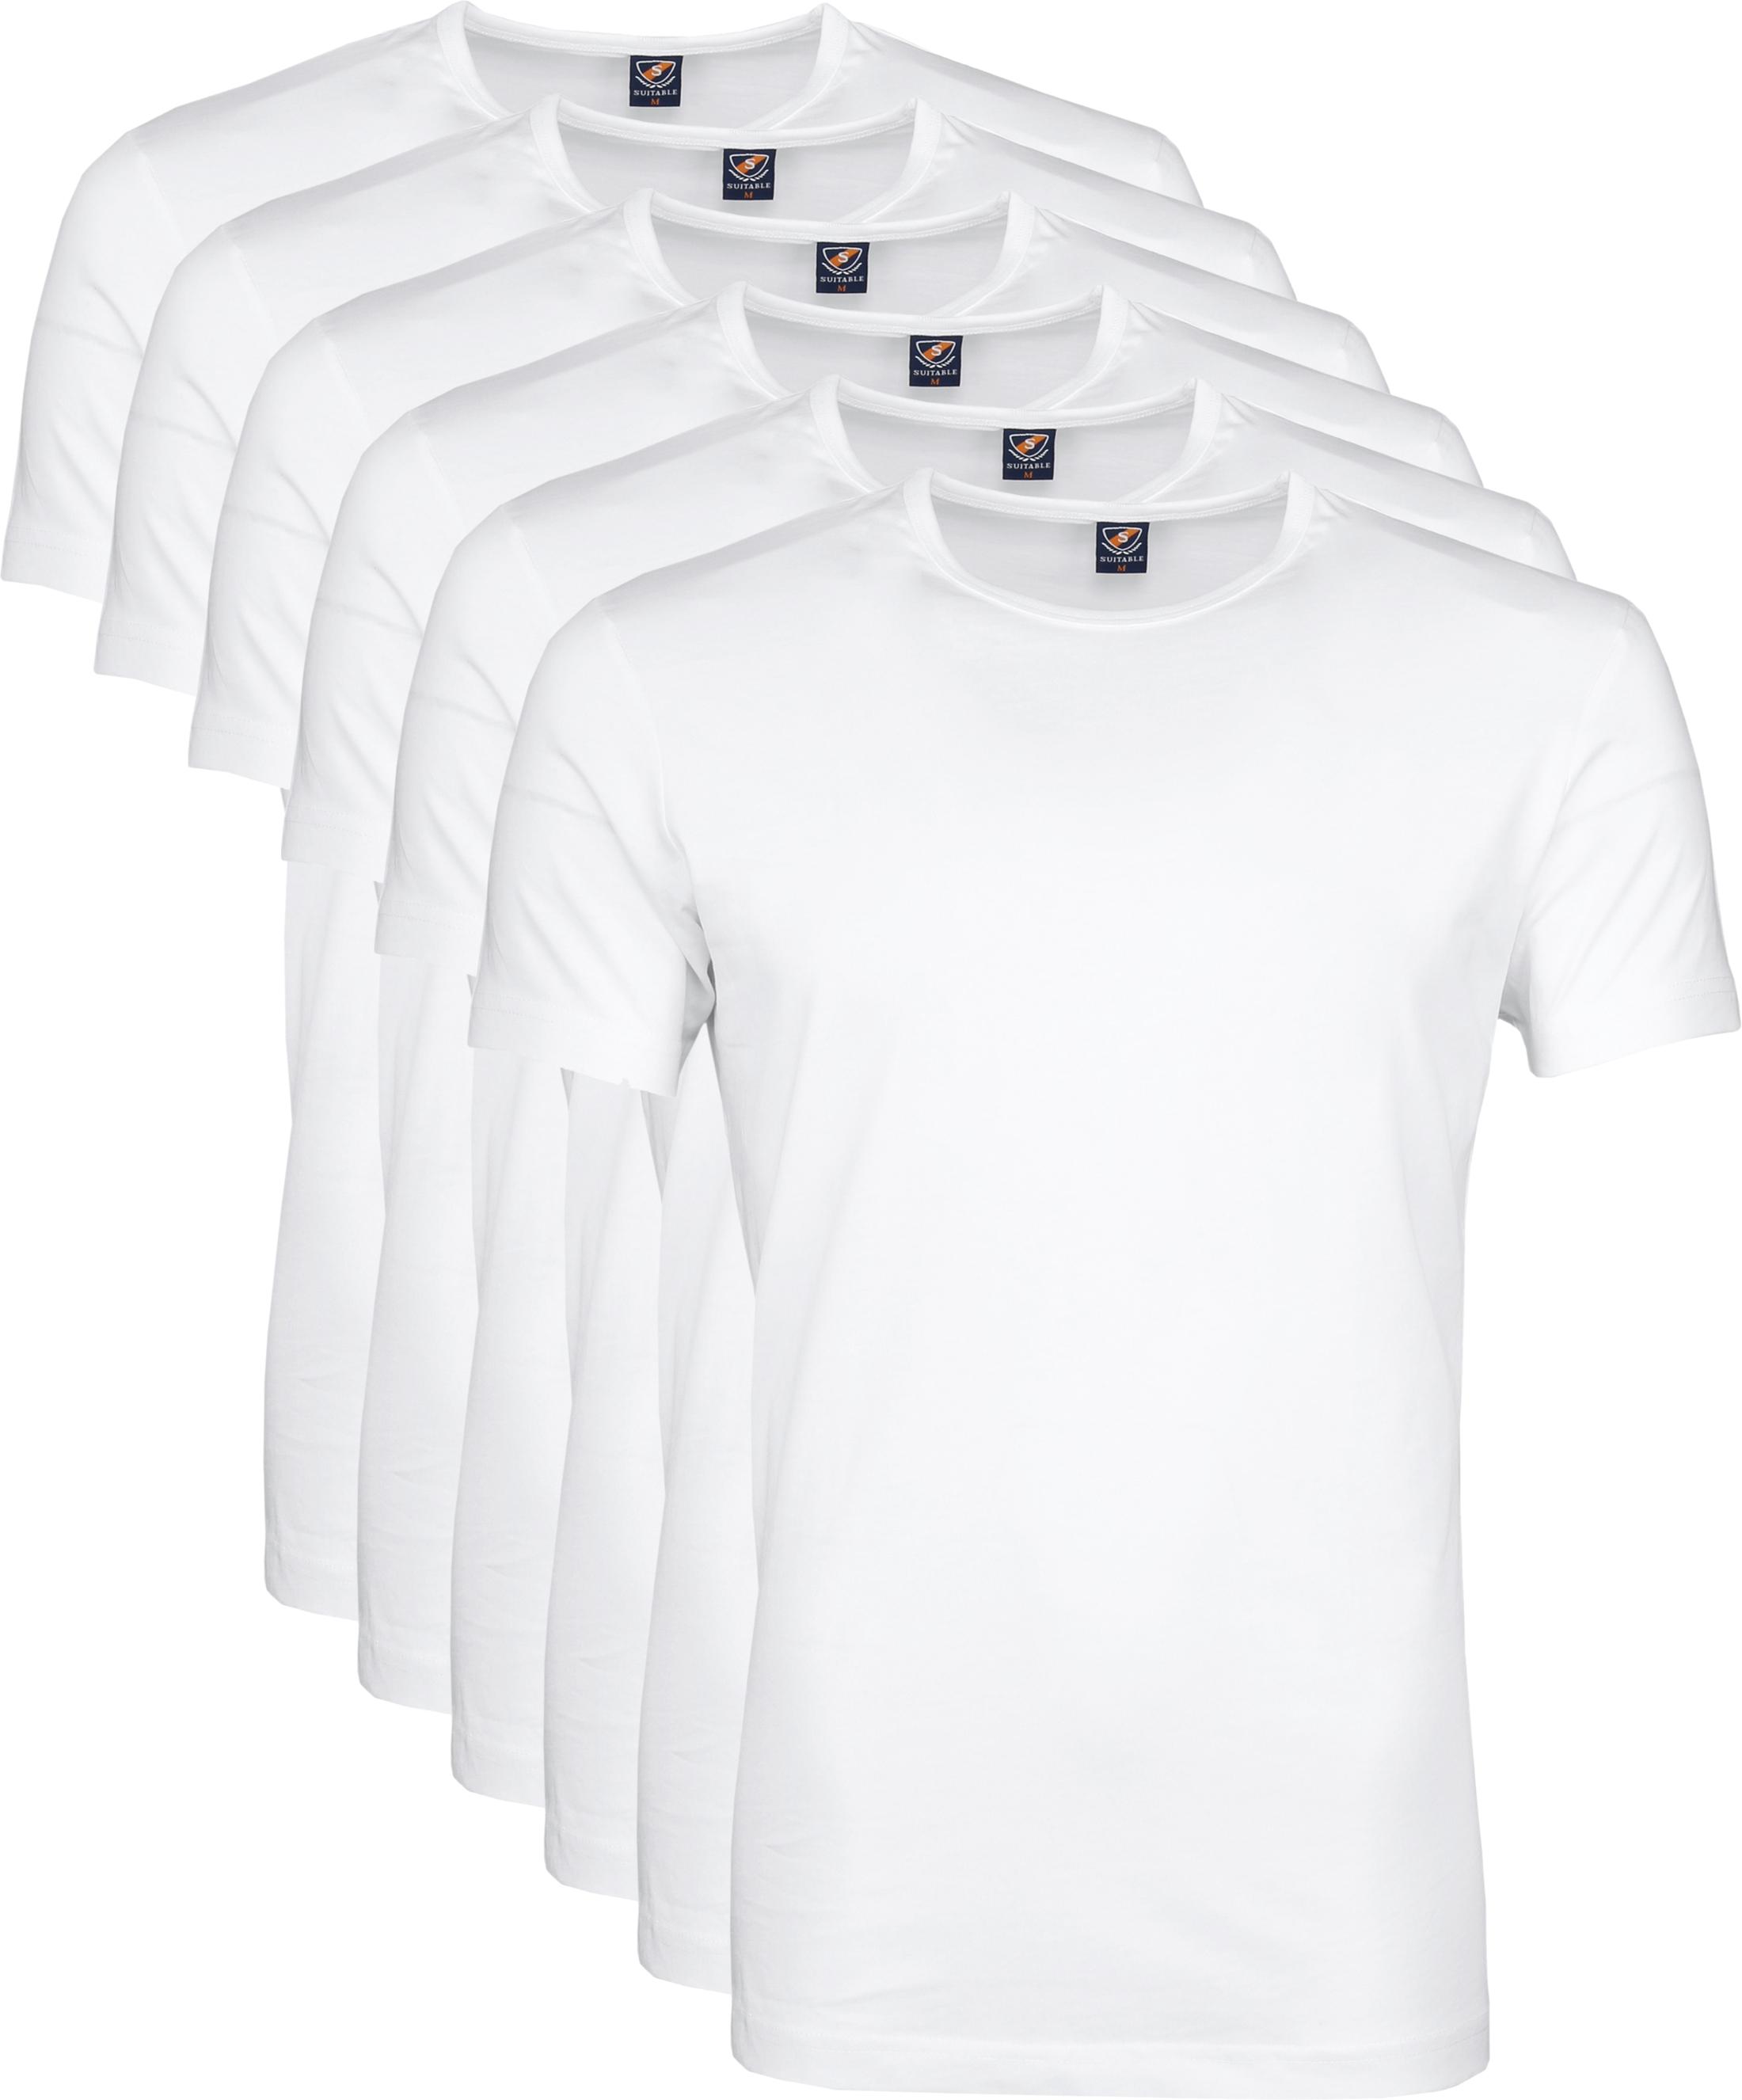 T-Shirt Rund Hals 6-Pack (6 Stück) Weiß foto 0